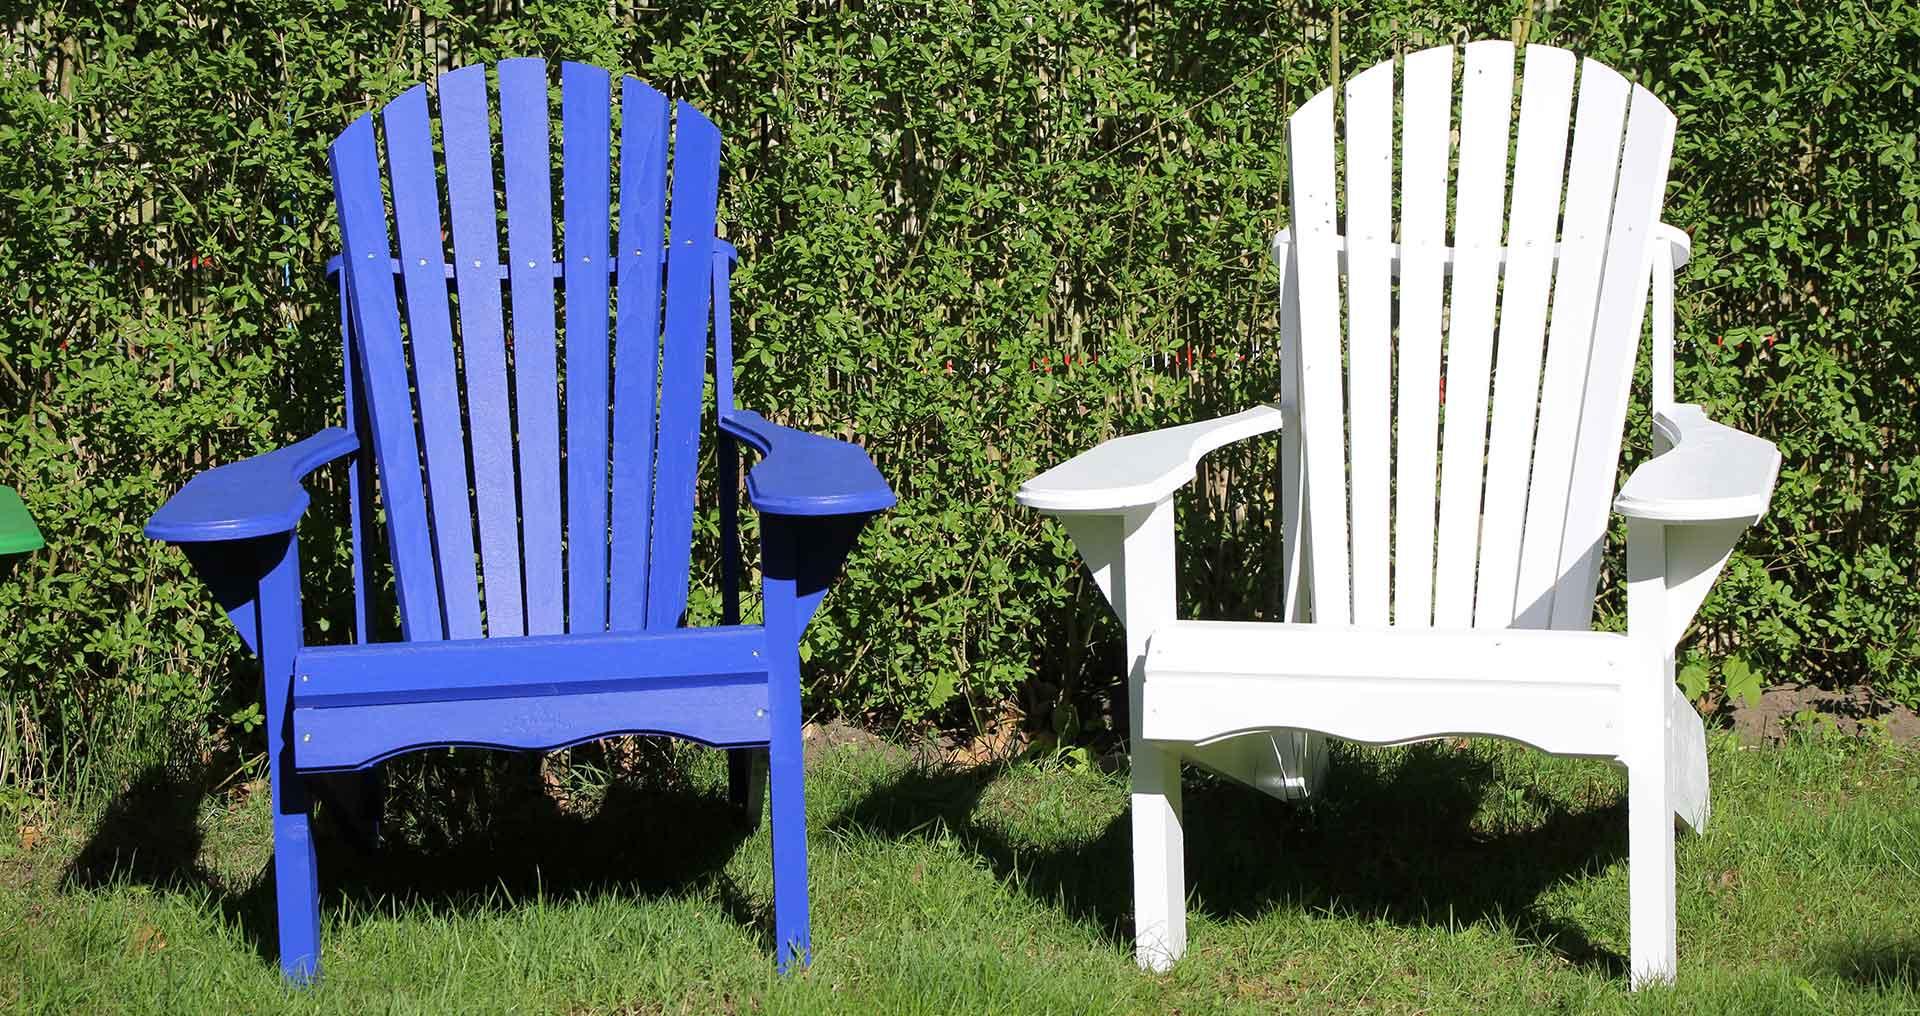 Muskoka Chair, Adirondack Chair, Gartenstühle aus Norderstedt